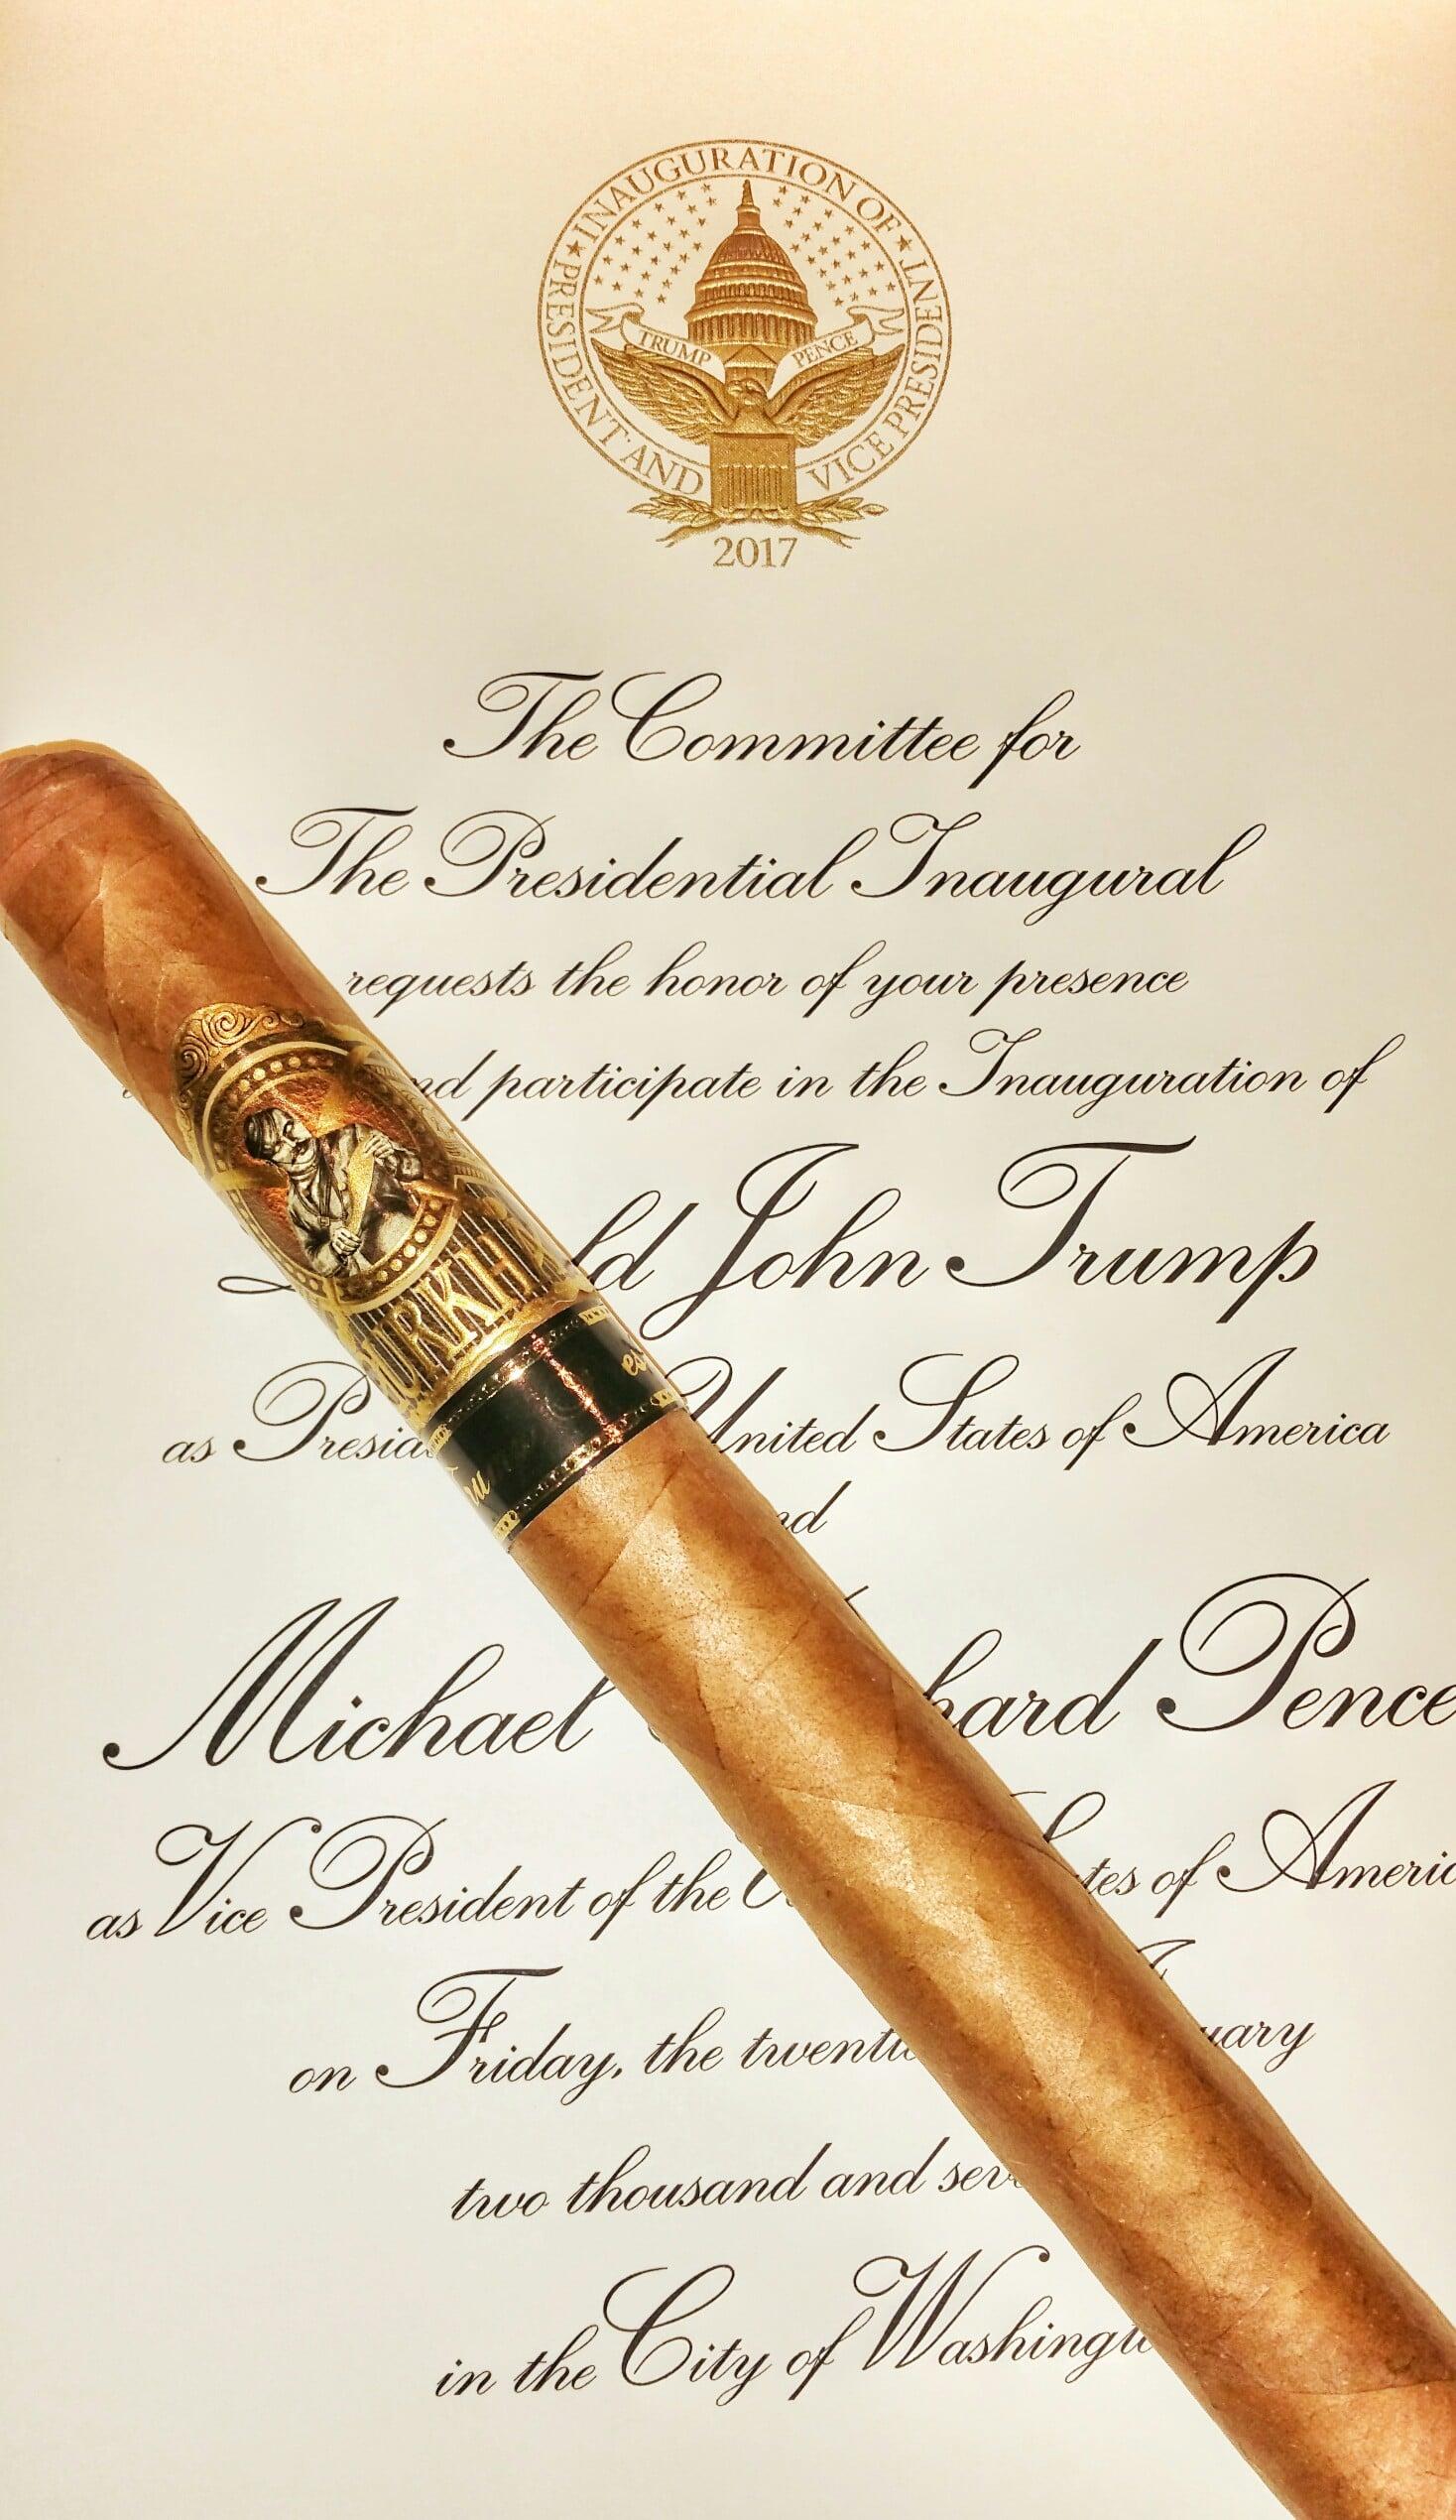 Gurkha Trump Presidente limited edition cigar